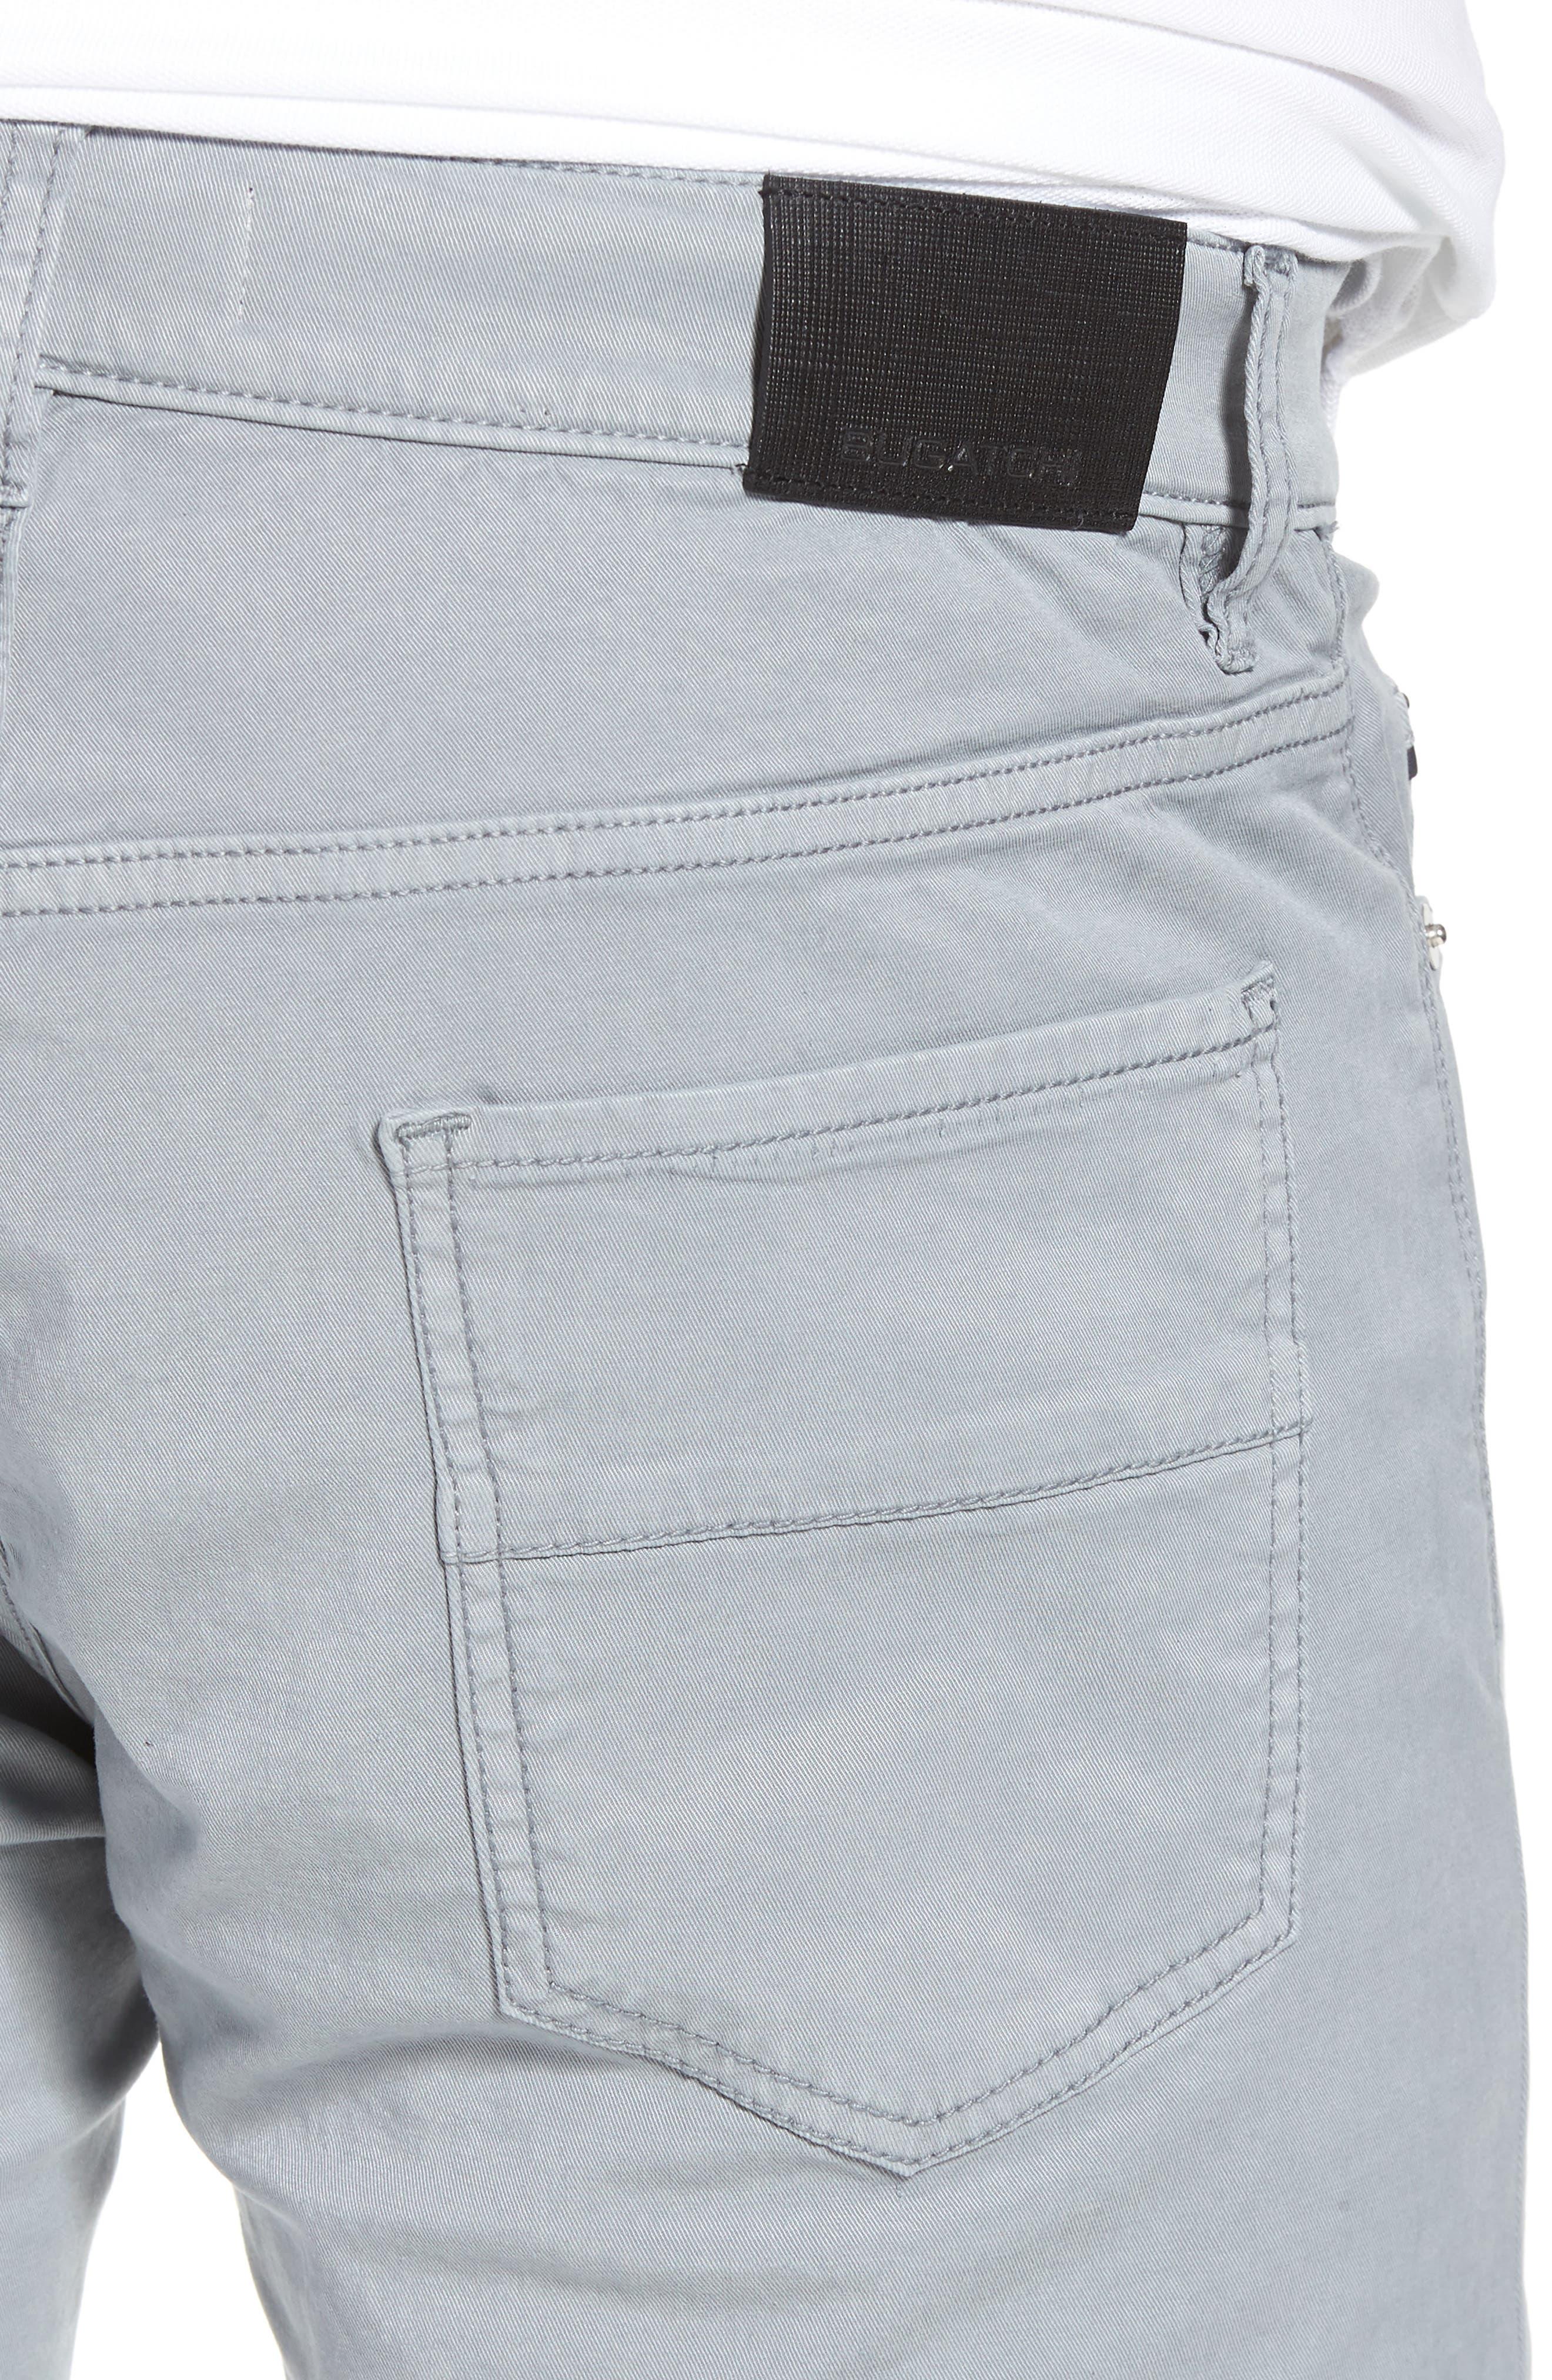 Trim Fit Pants,                             Alternate thumbnail 4, color,                             Stone